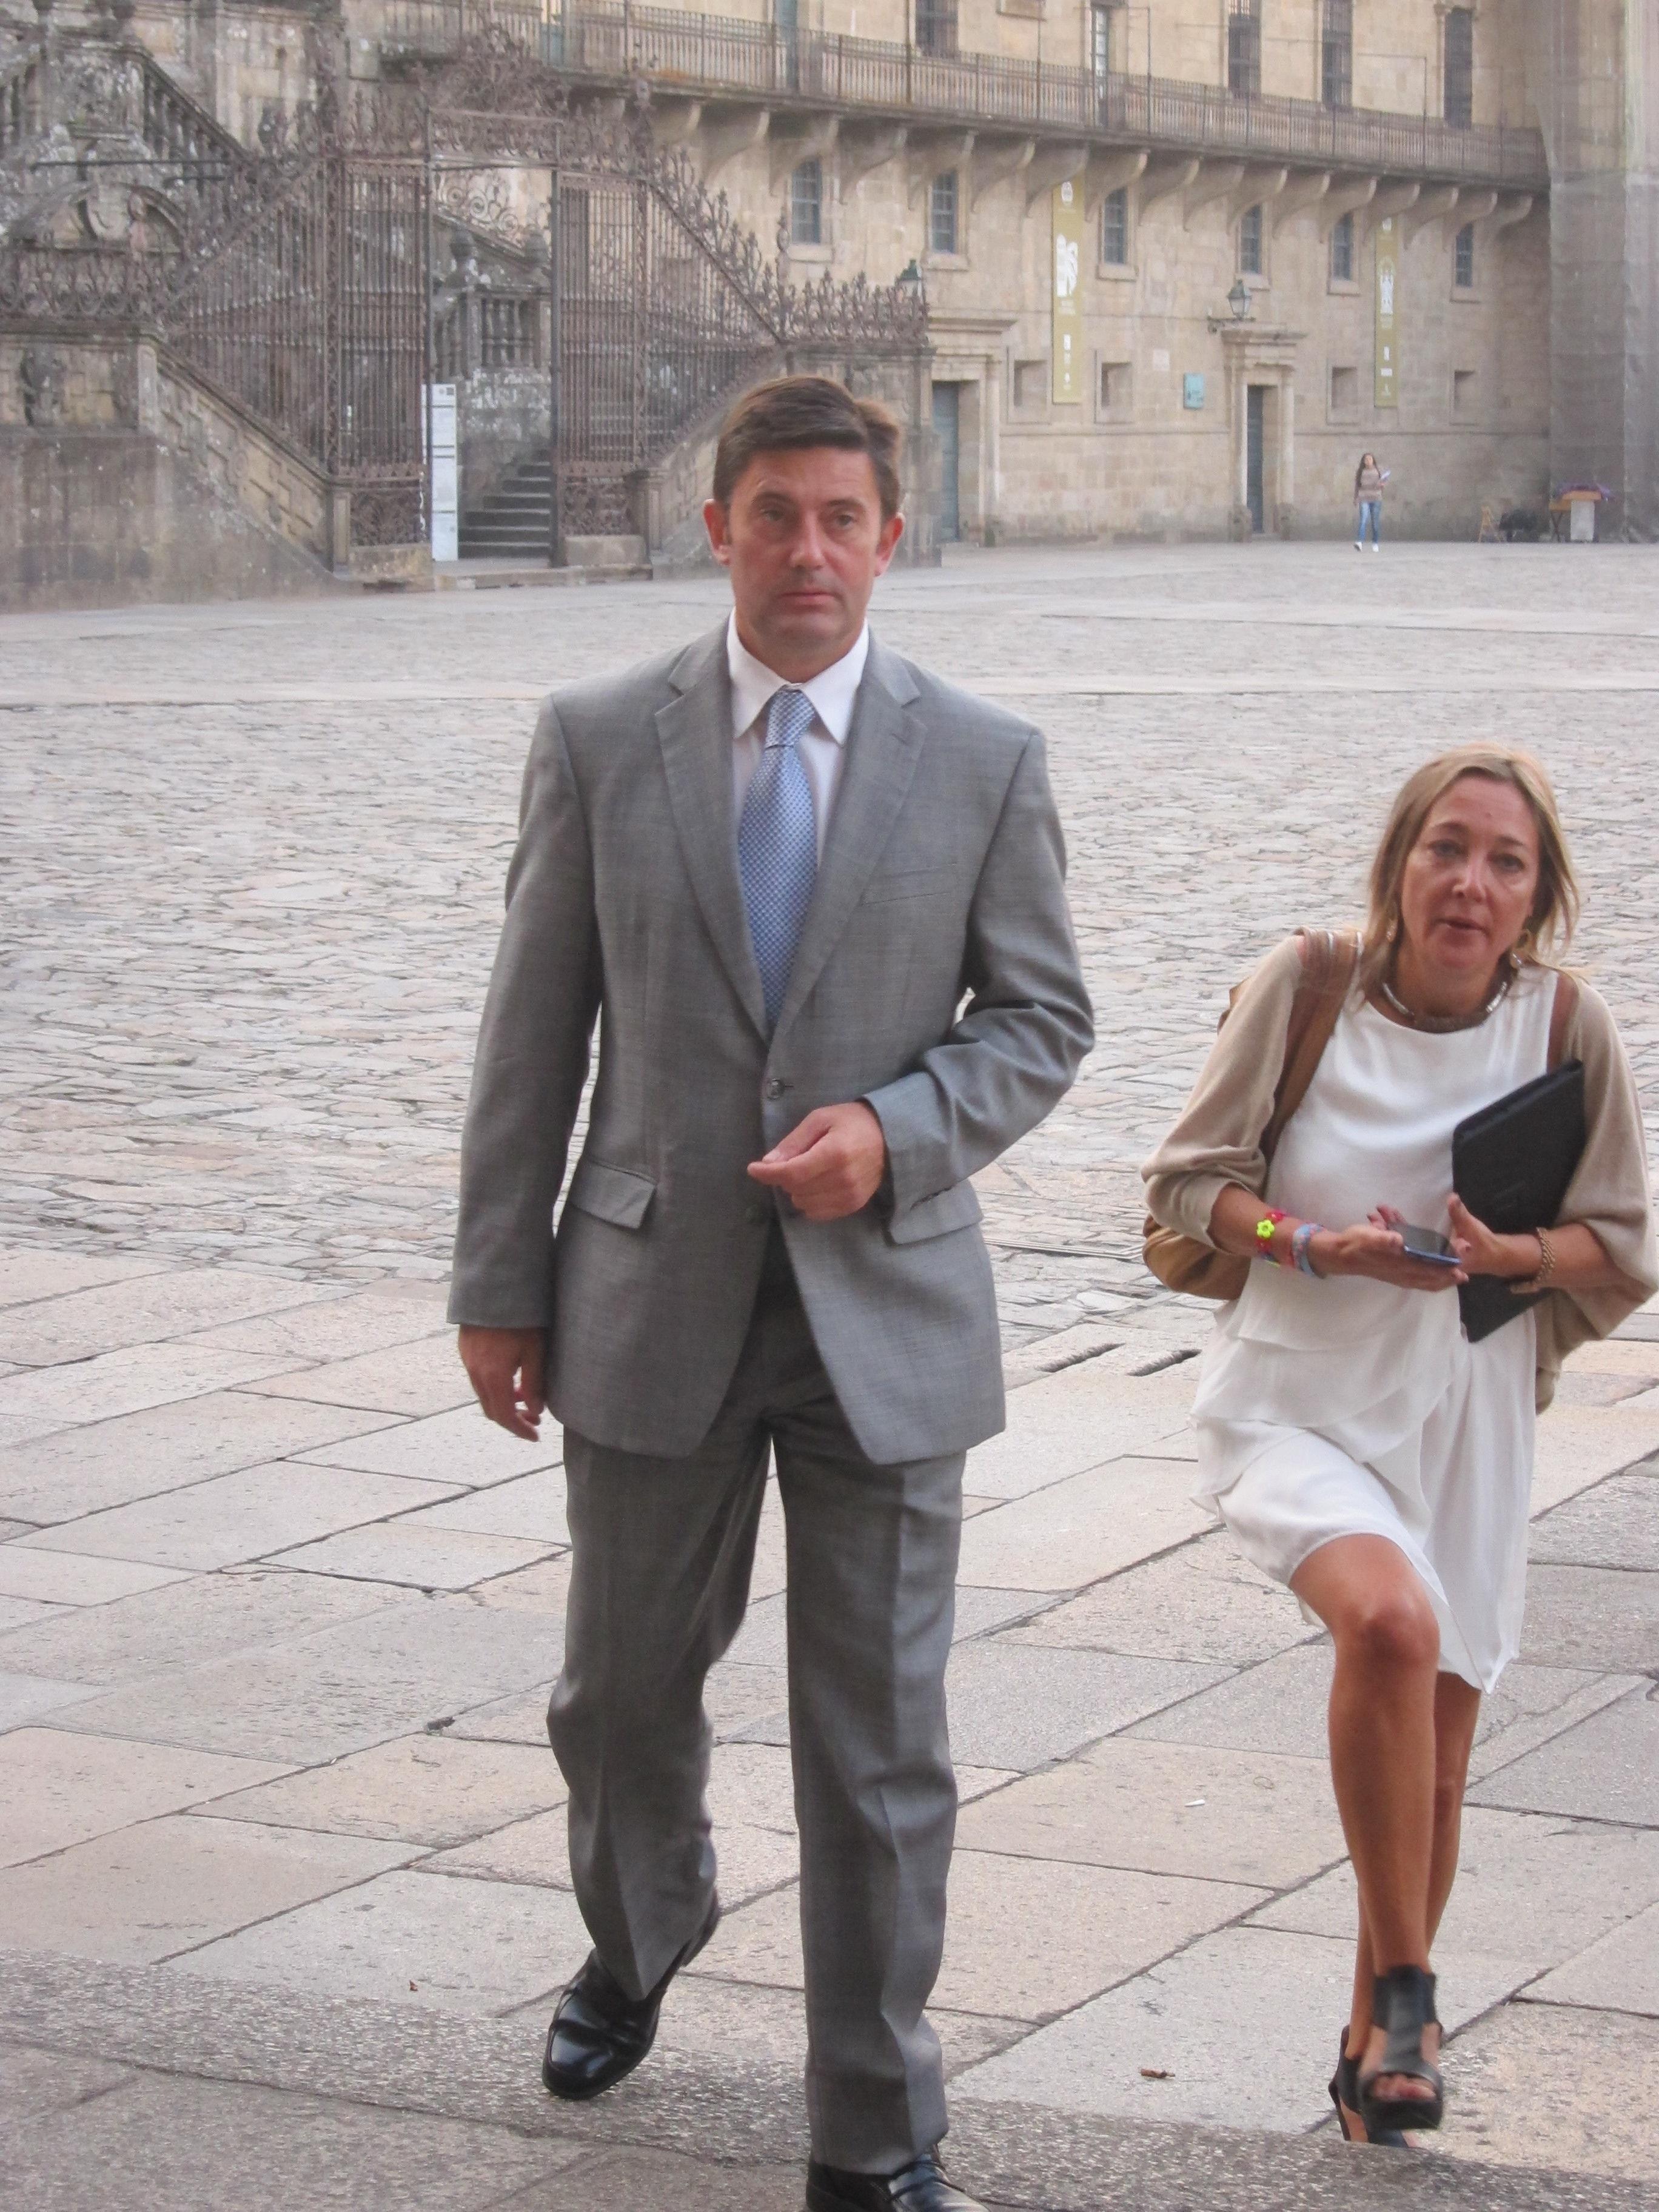 Los investigadores «no descartan absolutamente nada» en el caso de la niña hallada muerta en Santiago de Compostela